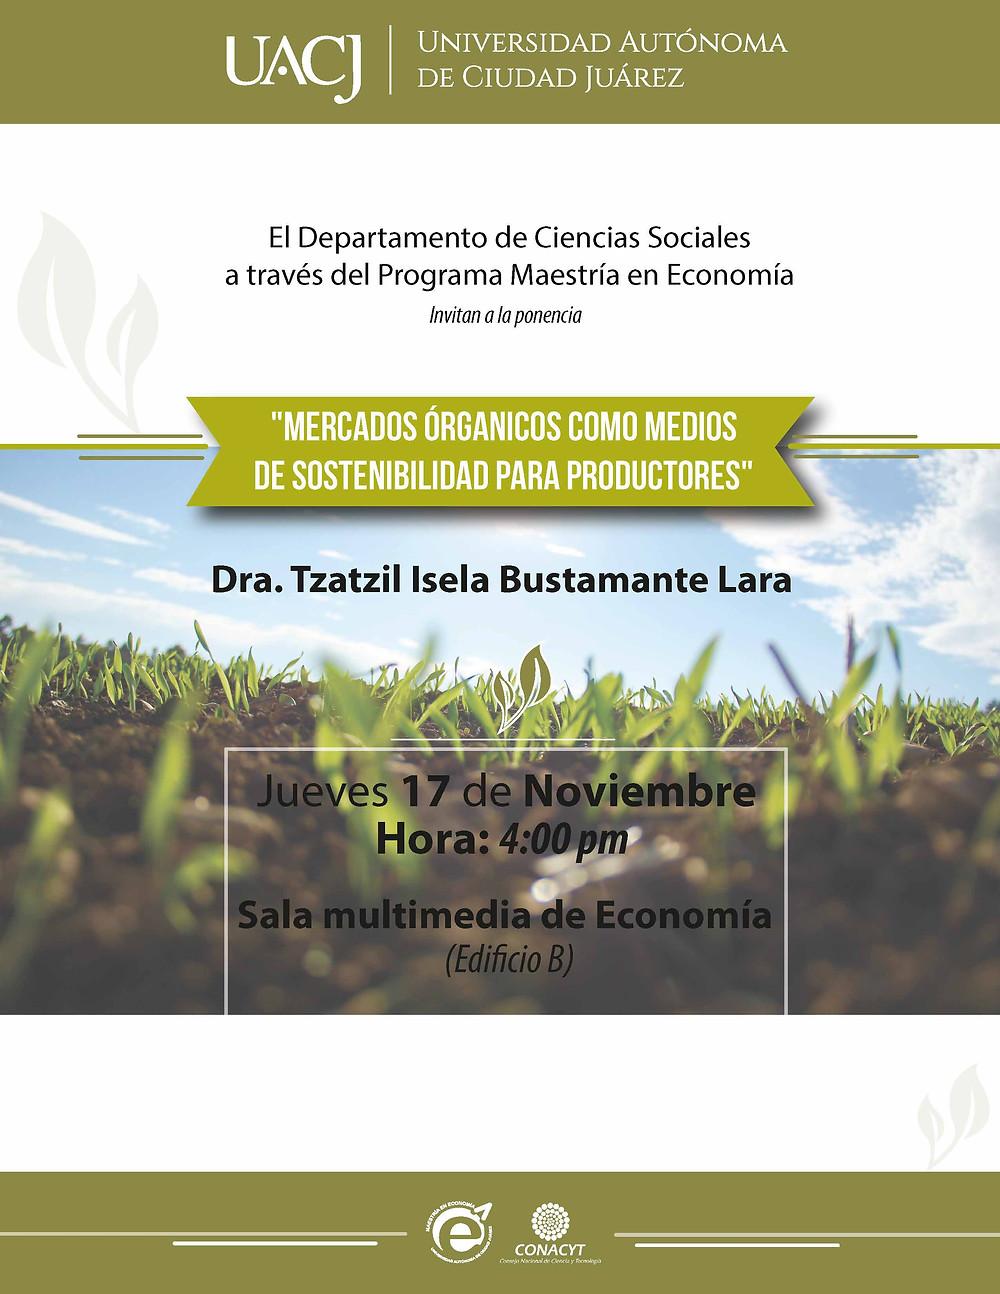 """El Departamento de ciencias Sociales  a través del Programa en economía te invitan a la ponencia """"mercados orgánicos como medio de sostenibilidad  para productores"""" impartido por la Dra. Tzatzil Isela Bustamante Lara"""